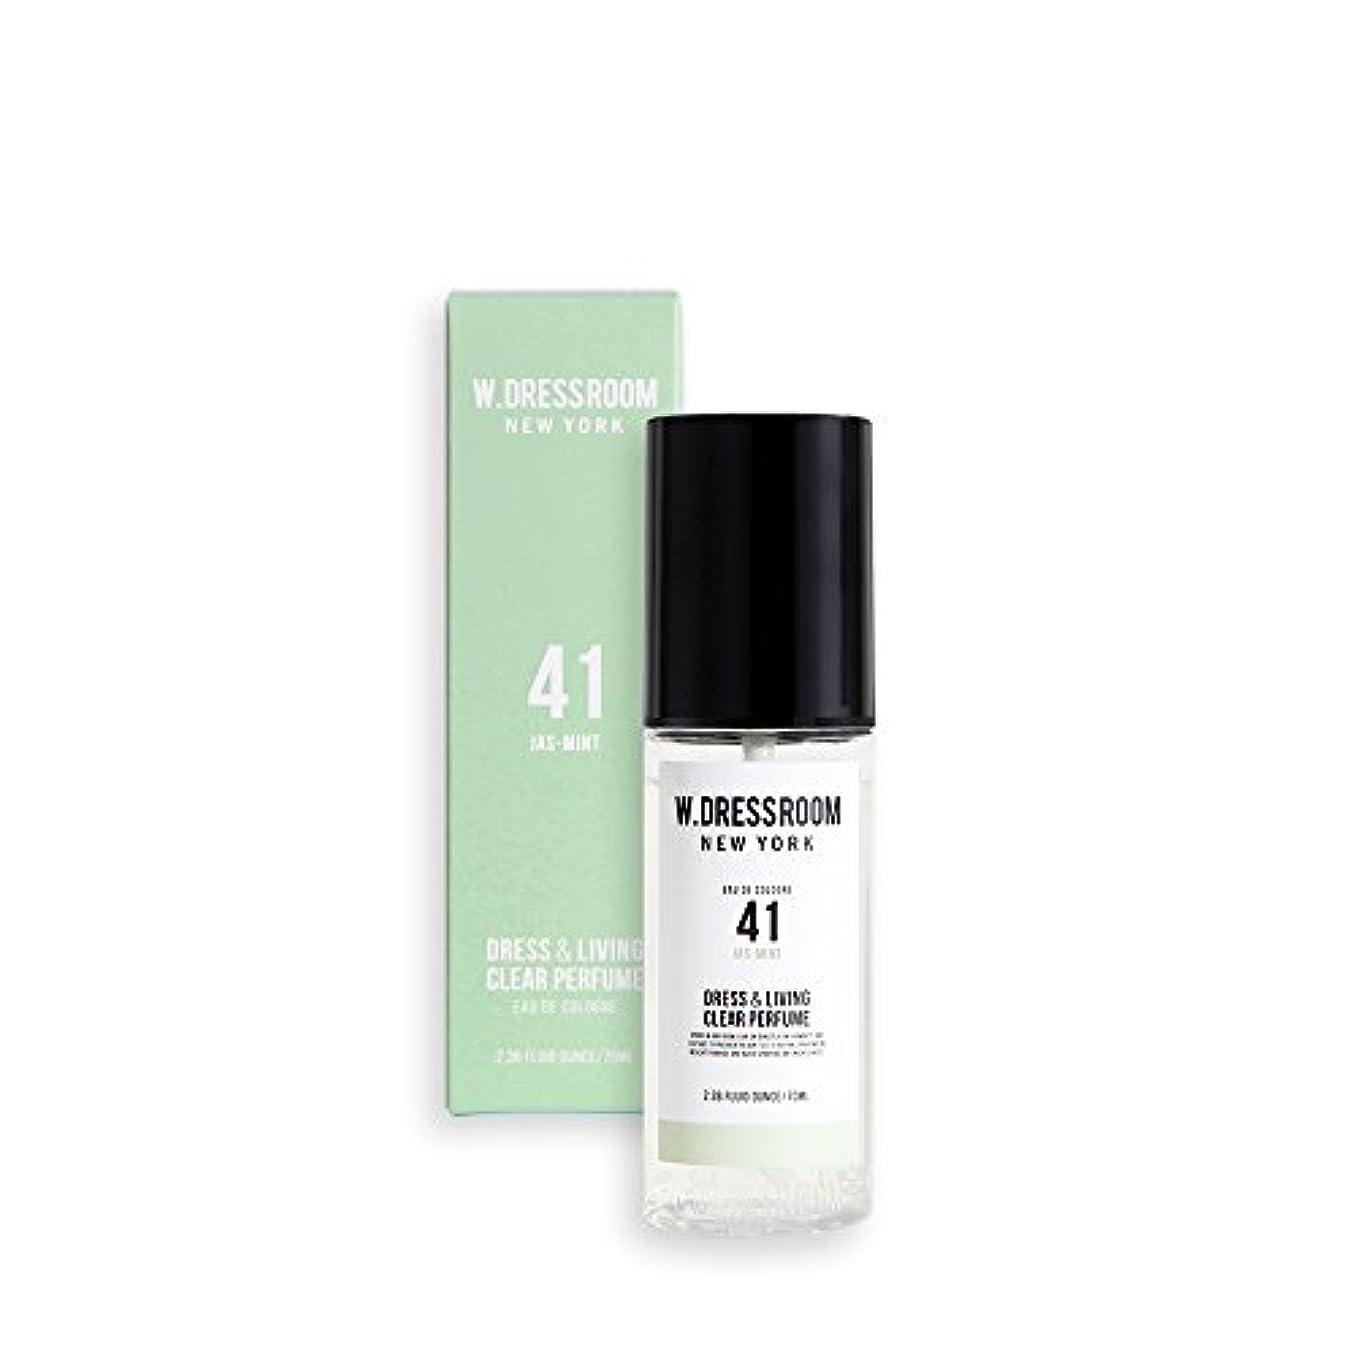 麻酔薬浜辺リズミカルなW.DRESSROOM Dress & Living Clear Perfume 70ml/ダブルドレスルーム ドレス&リビング クリア パフューム 70ml (#No.41 Jas-Mint) [並行輸入品]